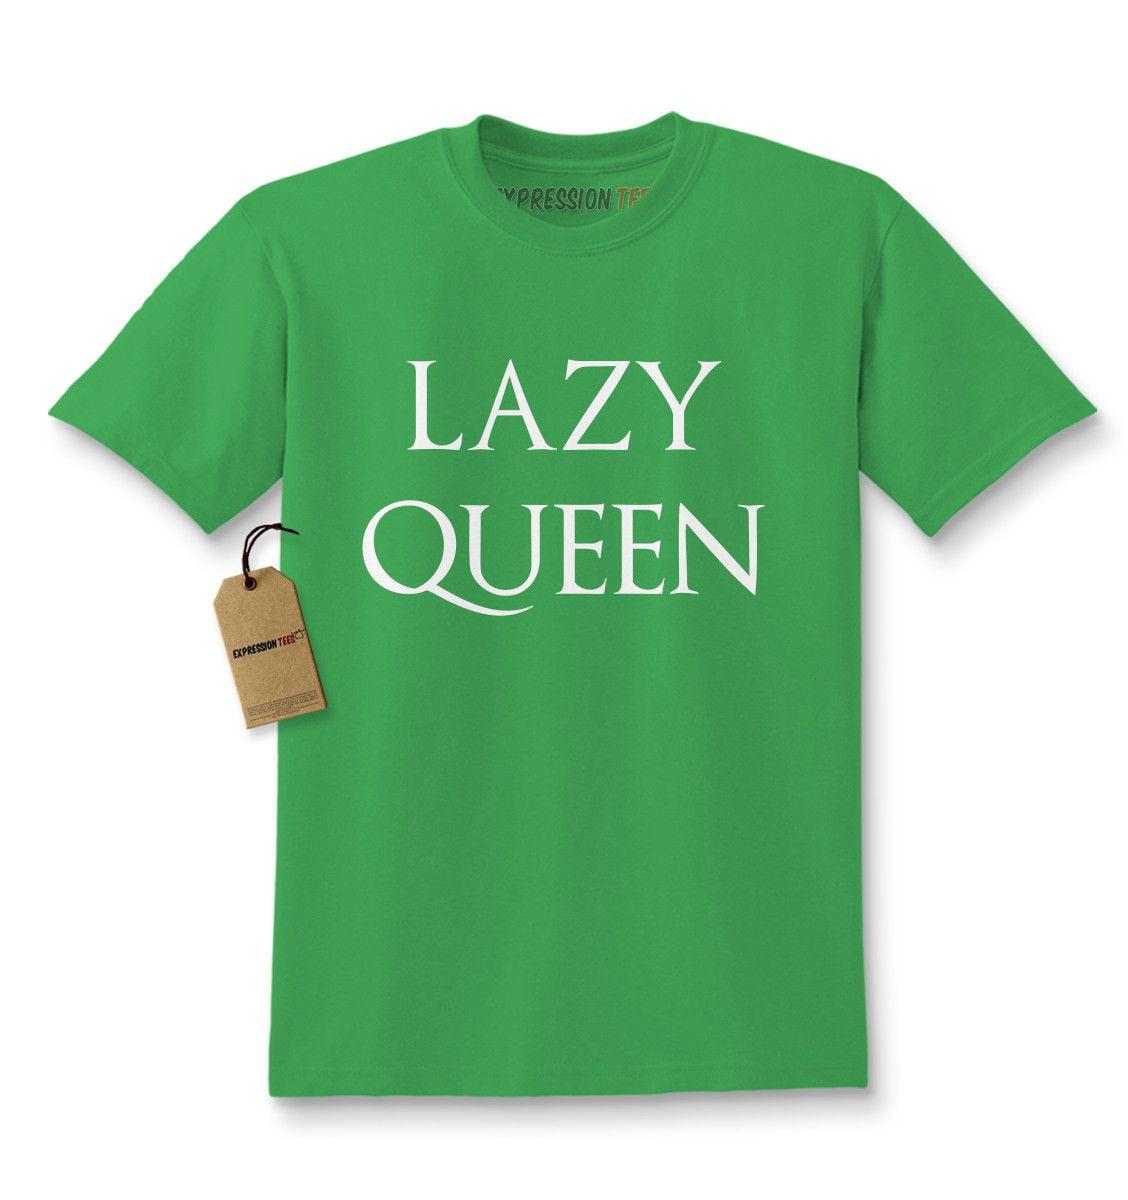 c2a5cc59136 Lazy Queen Kids T-shirt - Walmart.com